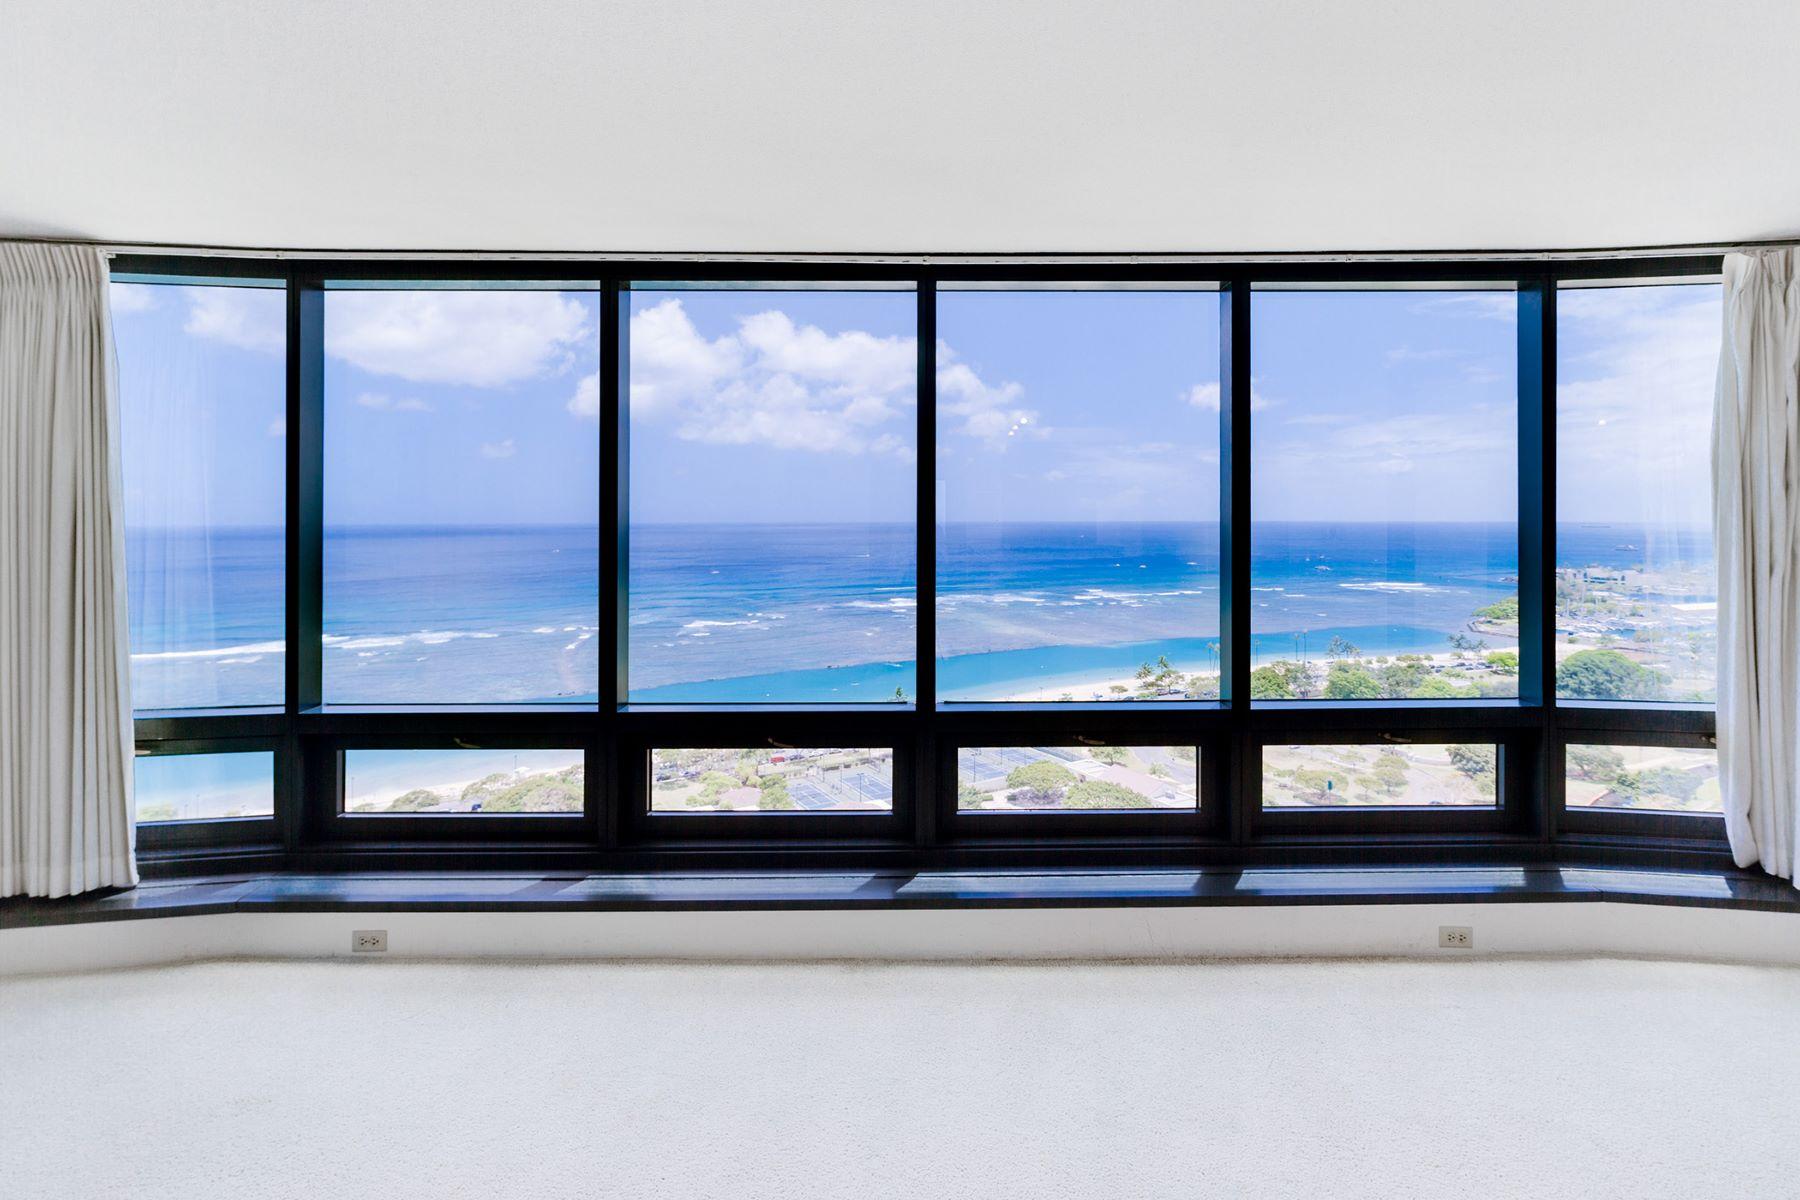 Кондоминиум для того Продажа на Ocean Views in Nauru Tower 1330 Ala Moana Boulevard #2803 Kakaako, Honolulu, Гавайи, 96814 Соединенные Штаты